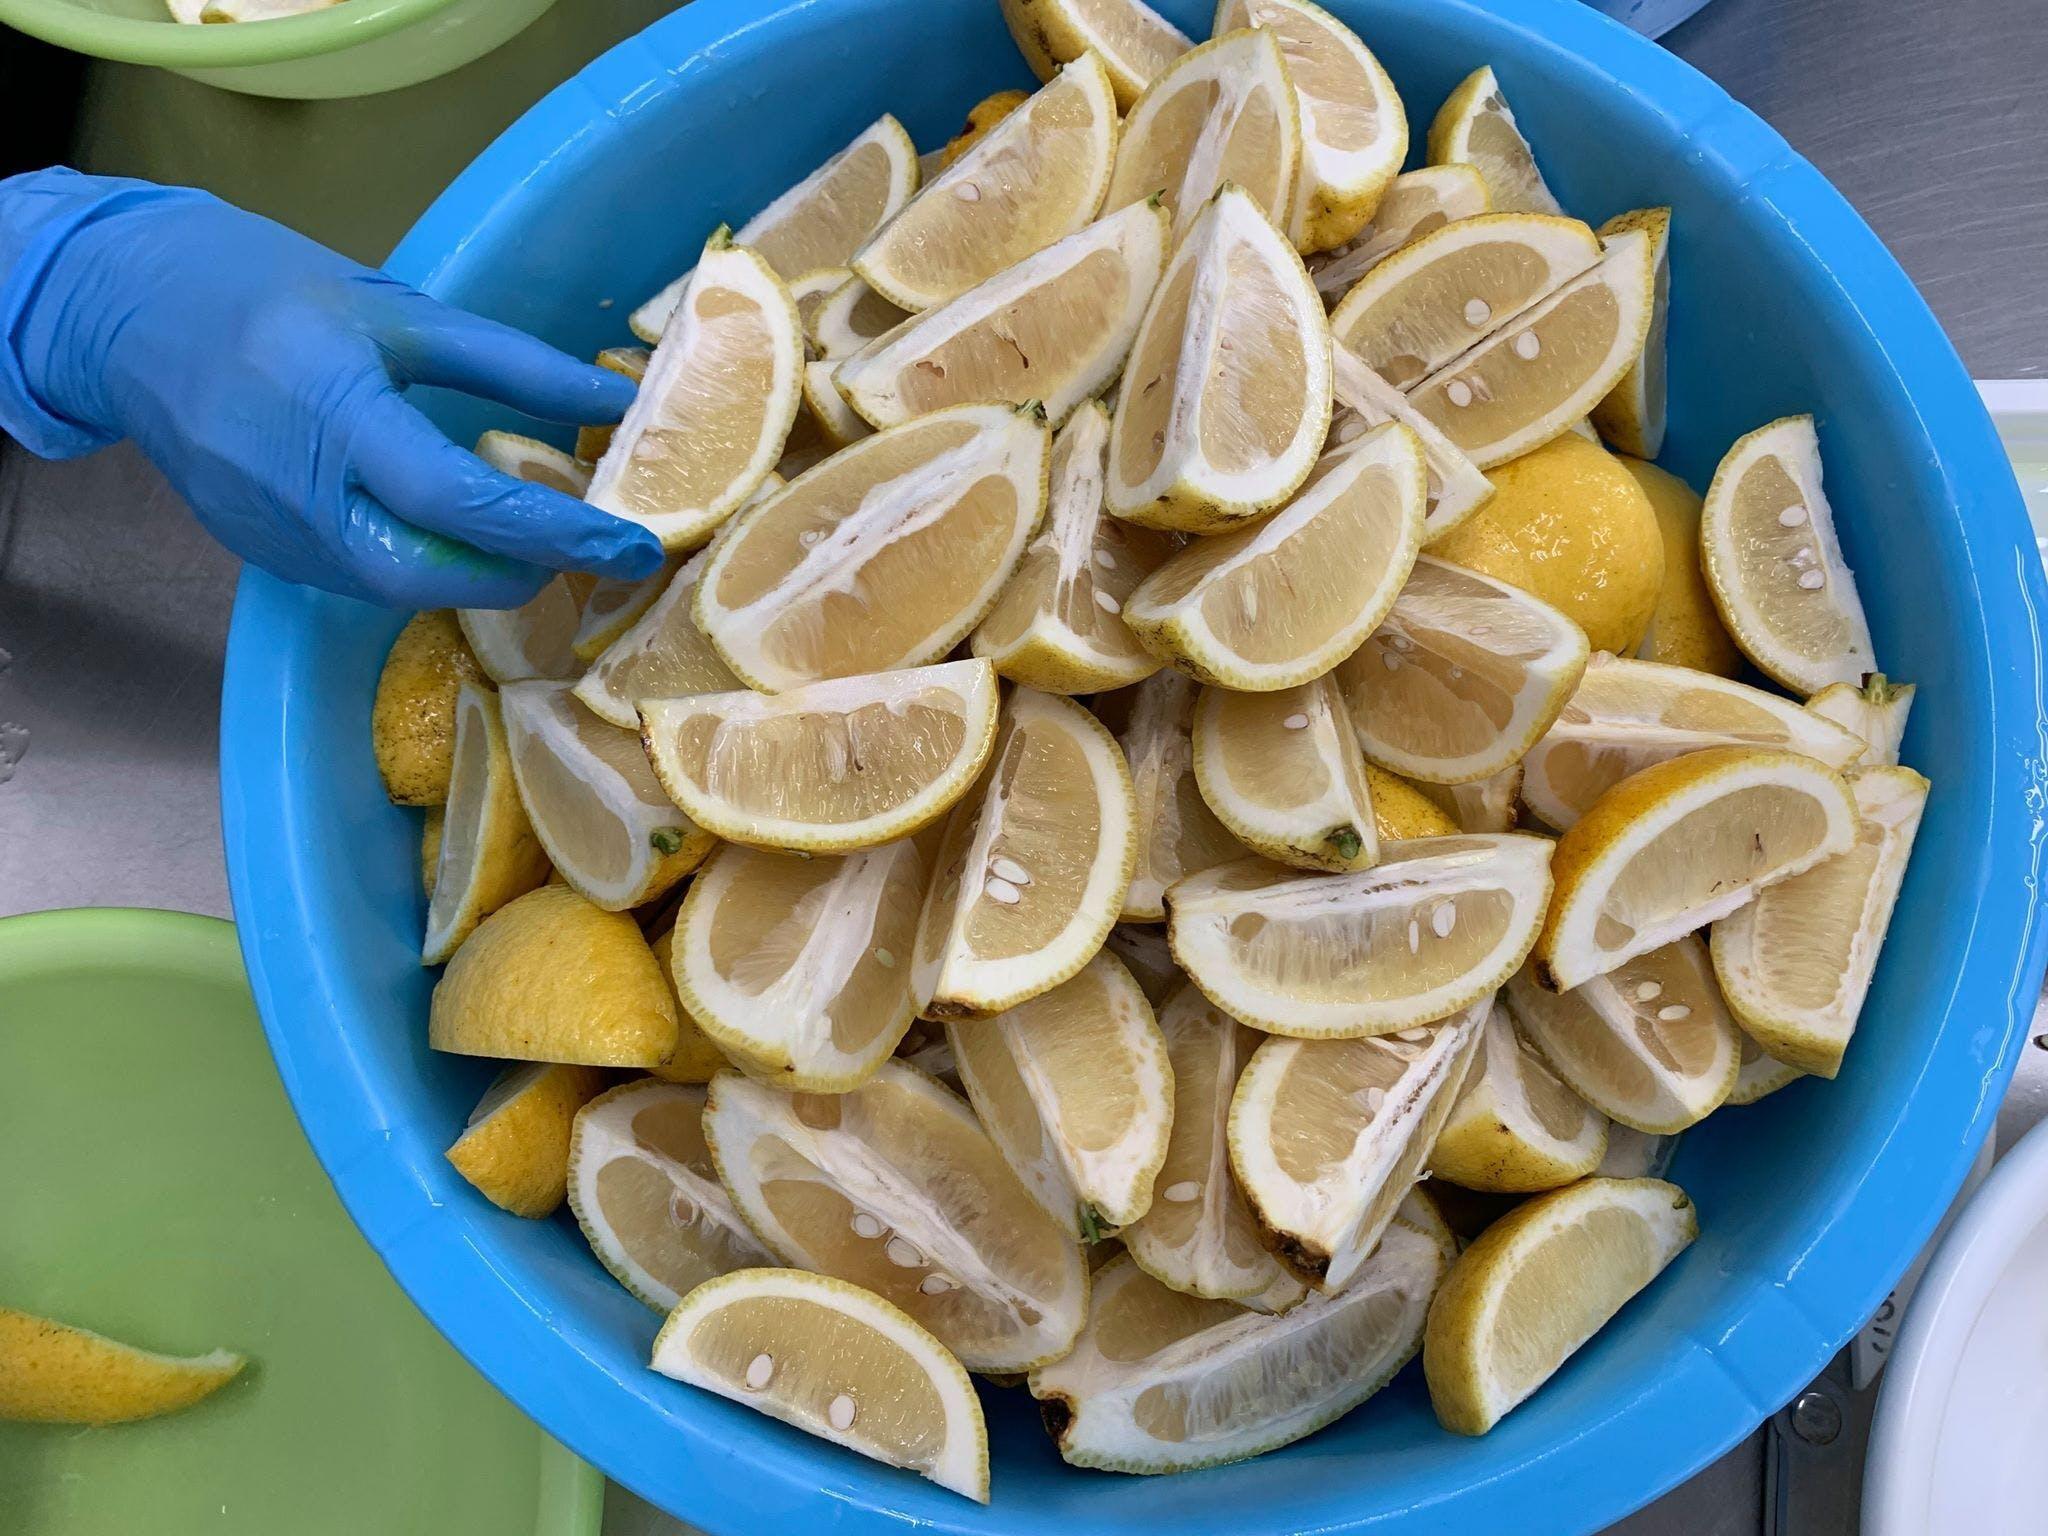 レモンを丁寧に下拵え